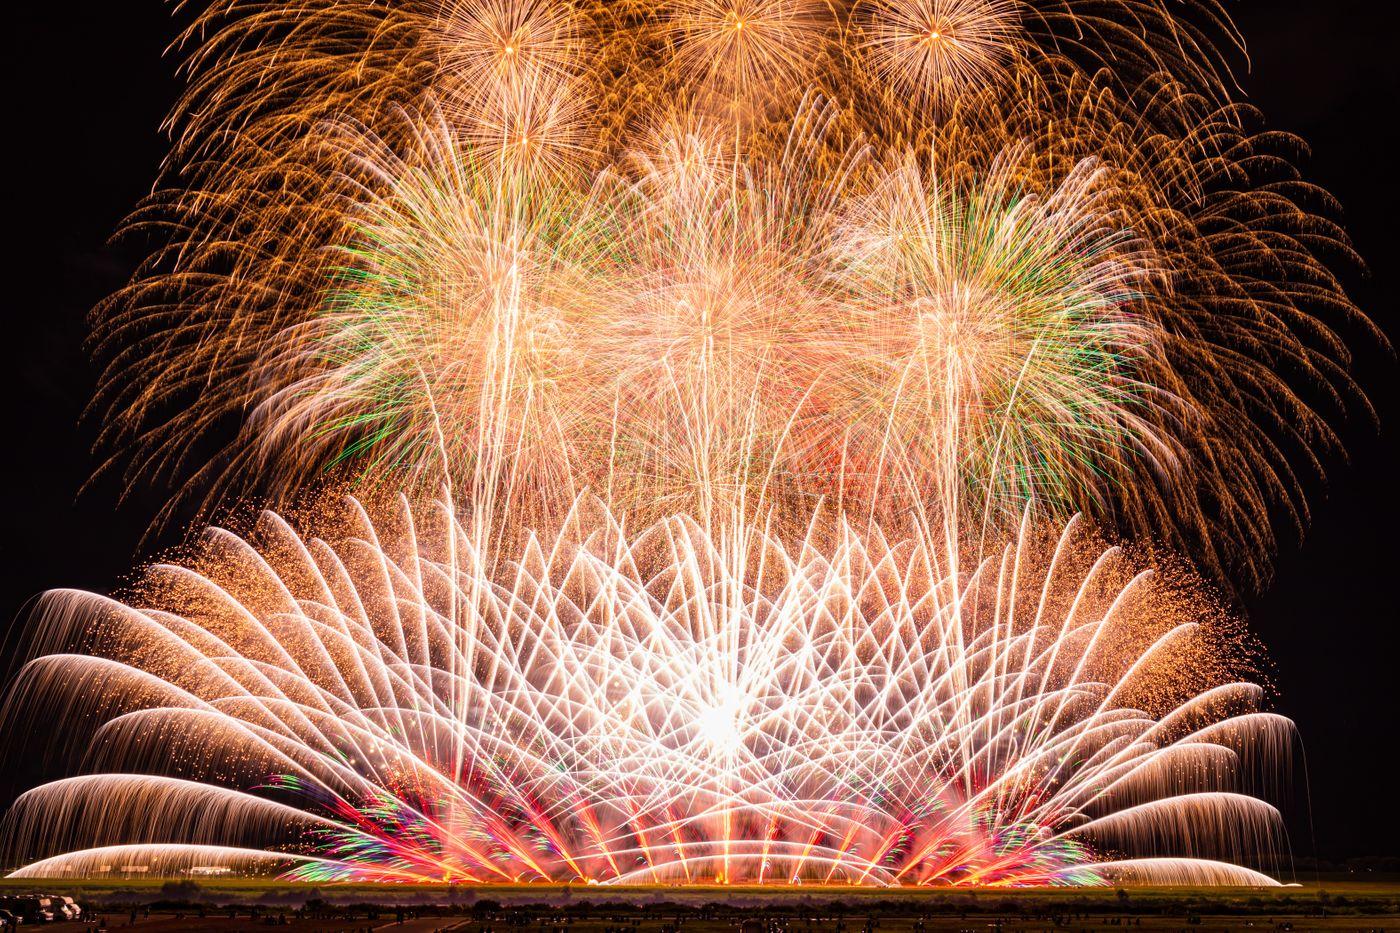 大曲のサプライズ花火の写真